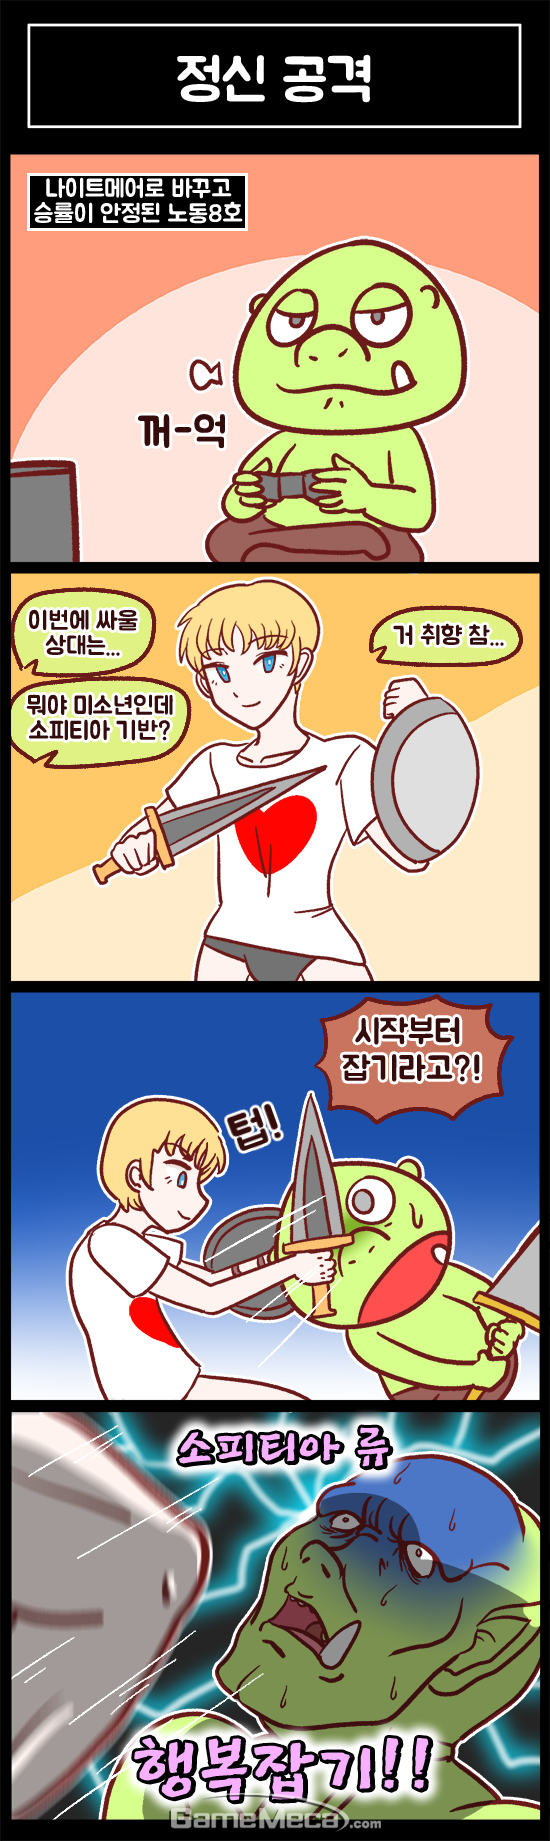 노8리뷰 소울칼리버6 노동8호